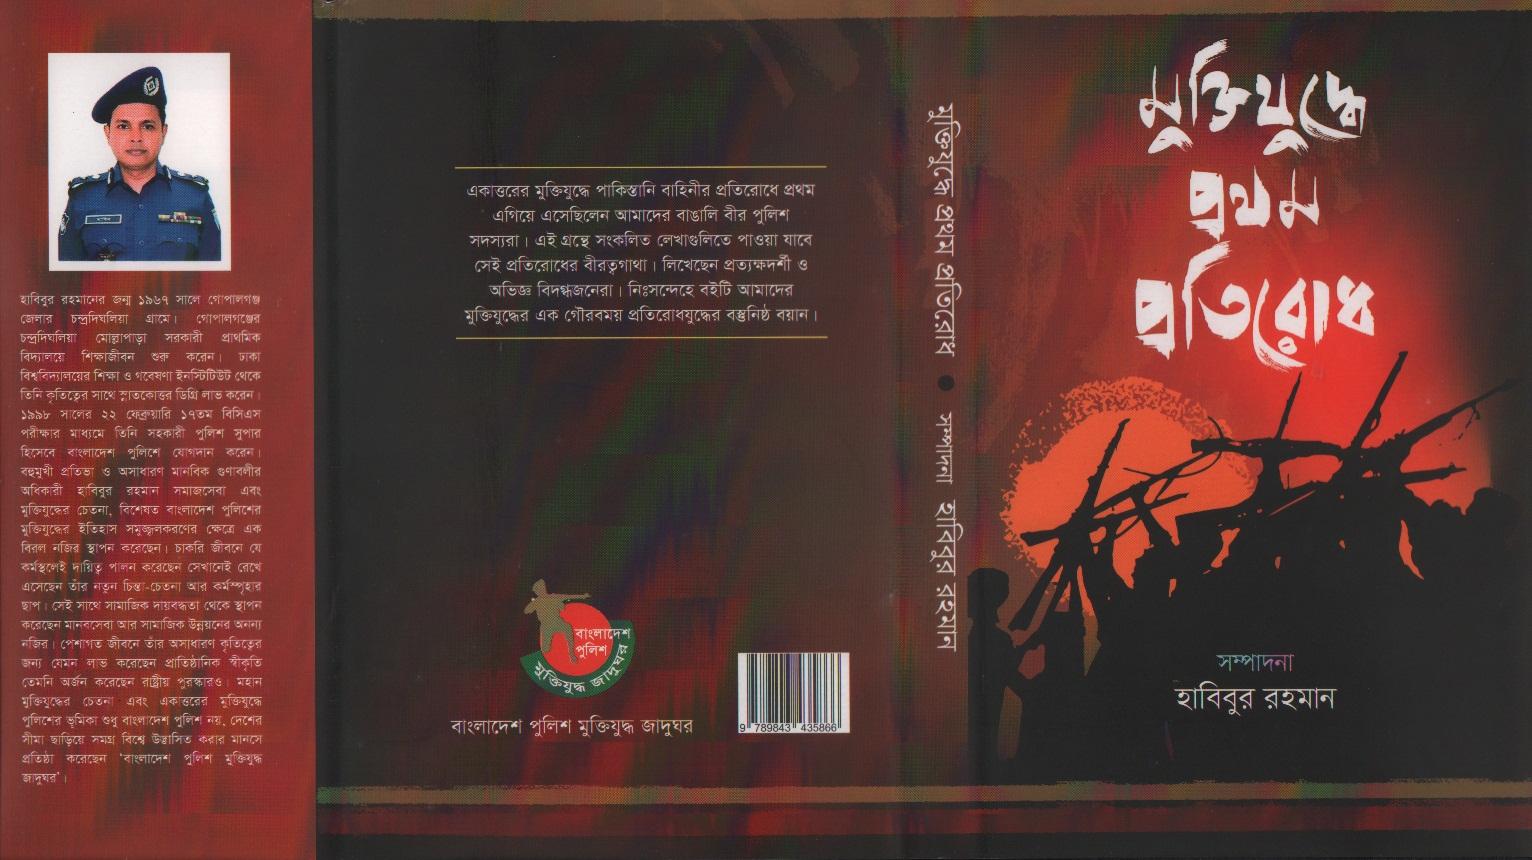 একুশে বইমেলায় হাবিবুর রহমান এর 'মুক্তিযুদ্ধে প্রথম প্রতিরোধ'